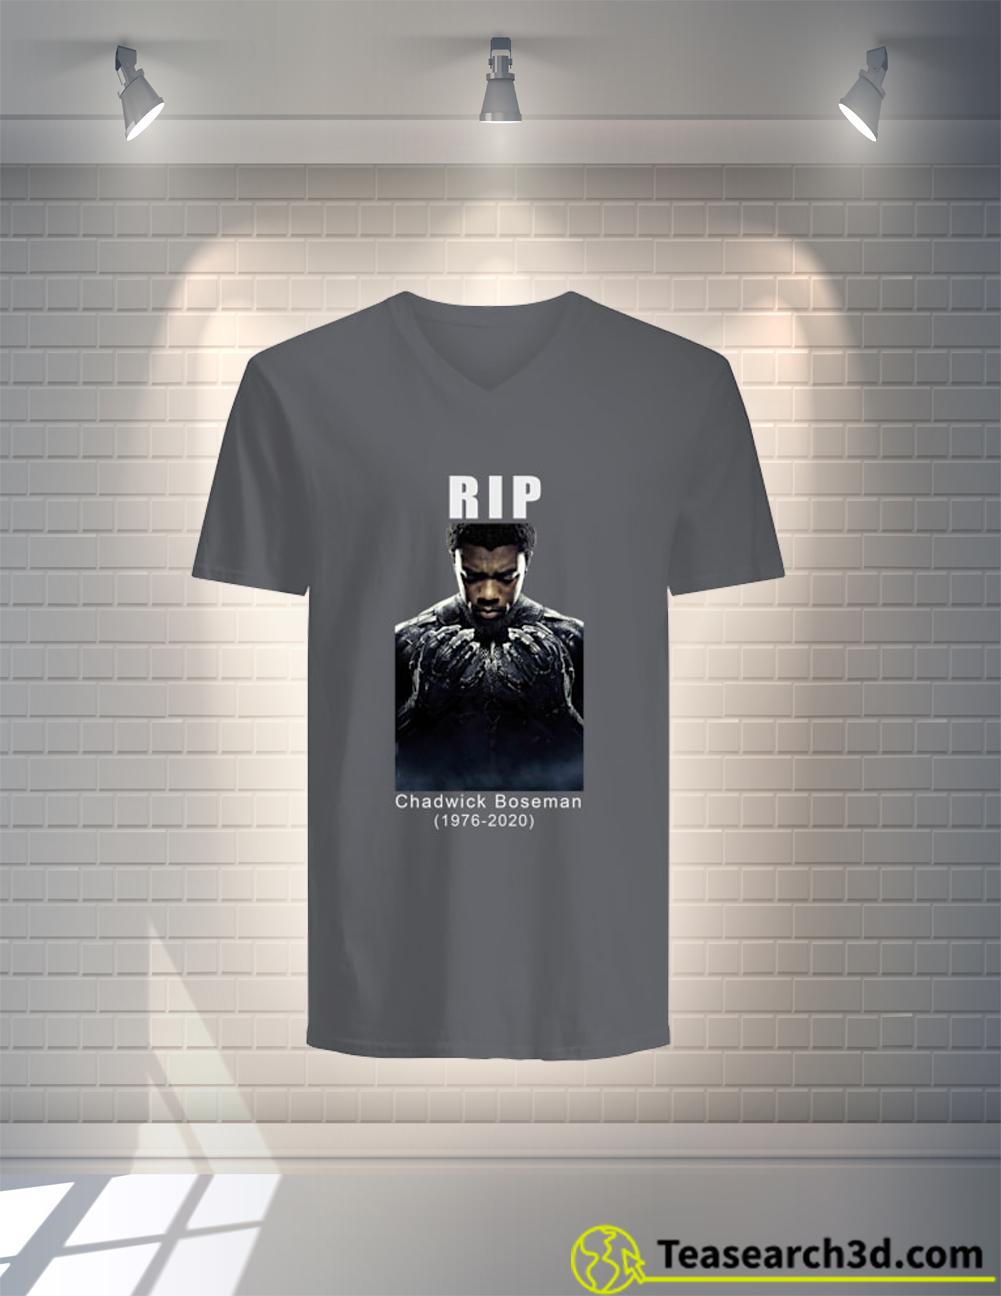 Rip Black Panther v-neck